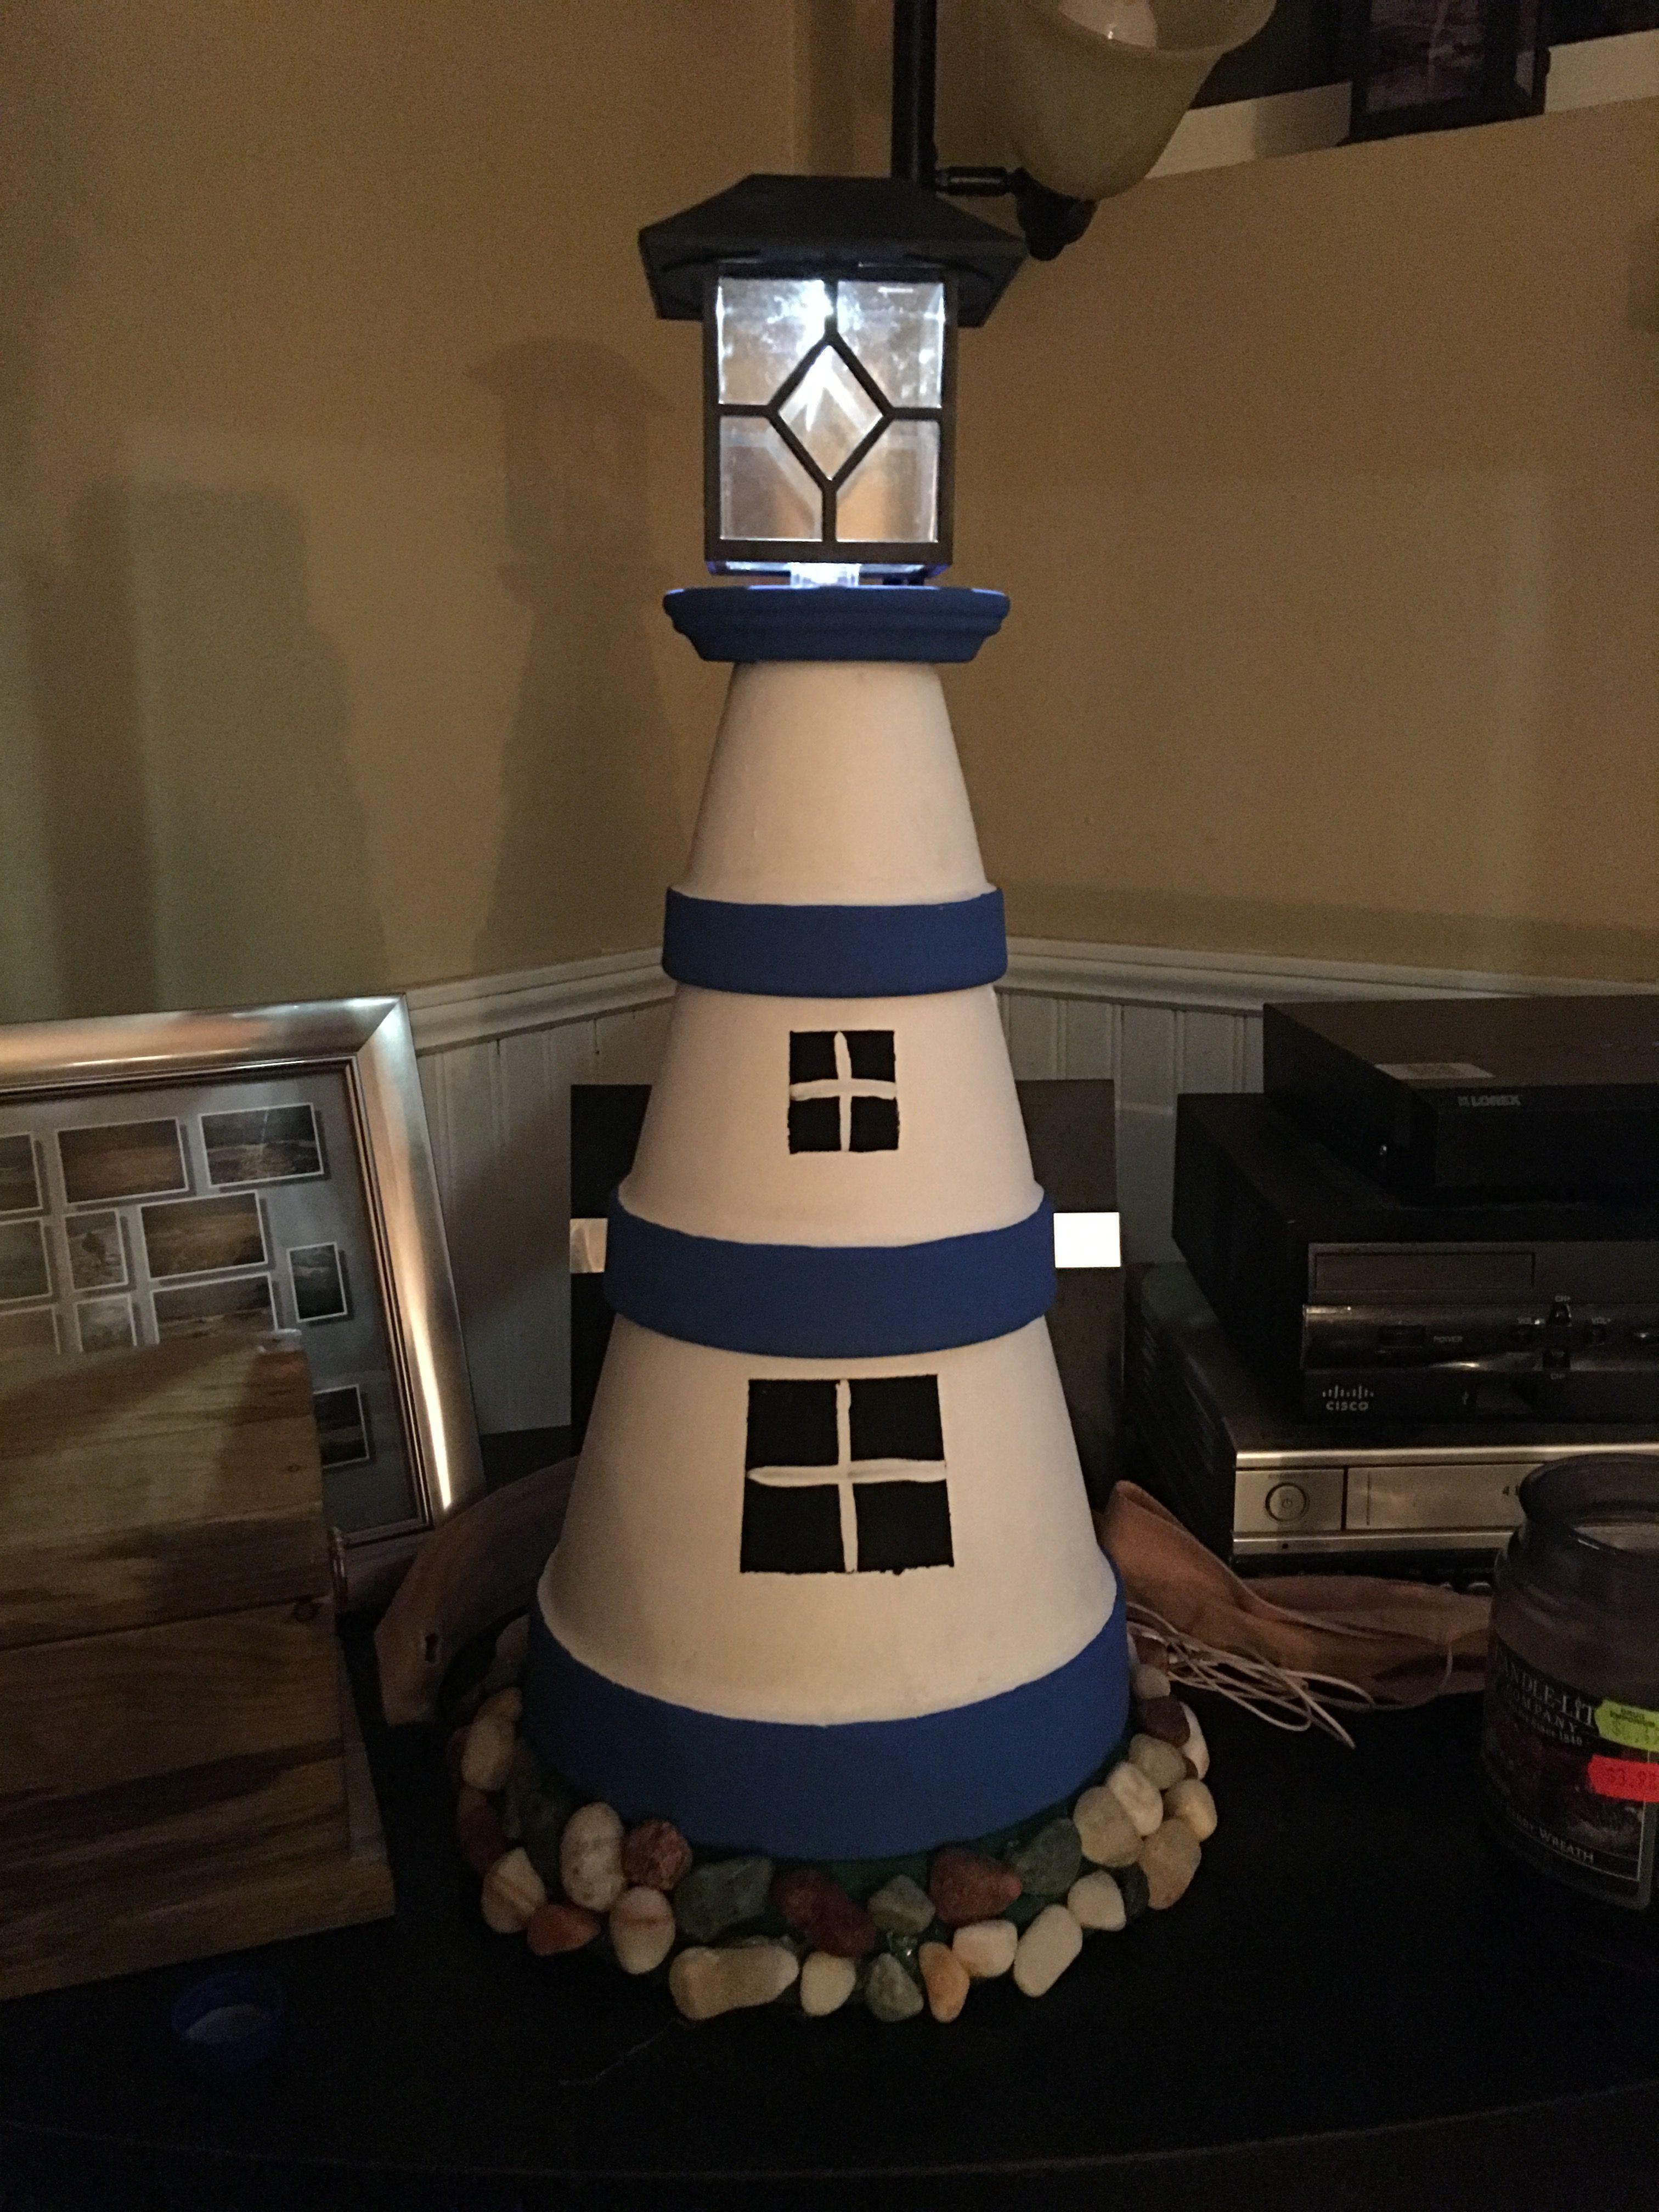 Diy make a clay pot lighthouse diy craft projects - First Diy Clay Pot Lighthouse